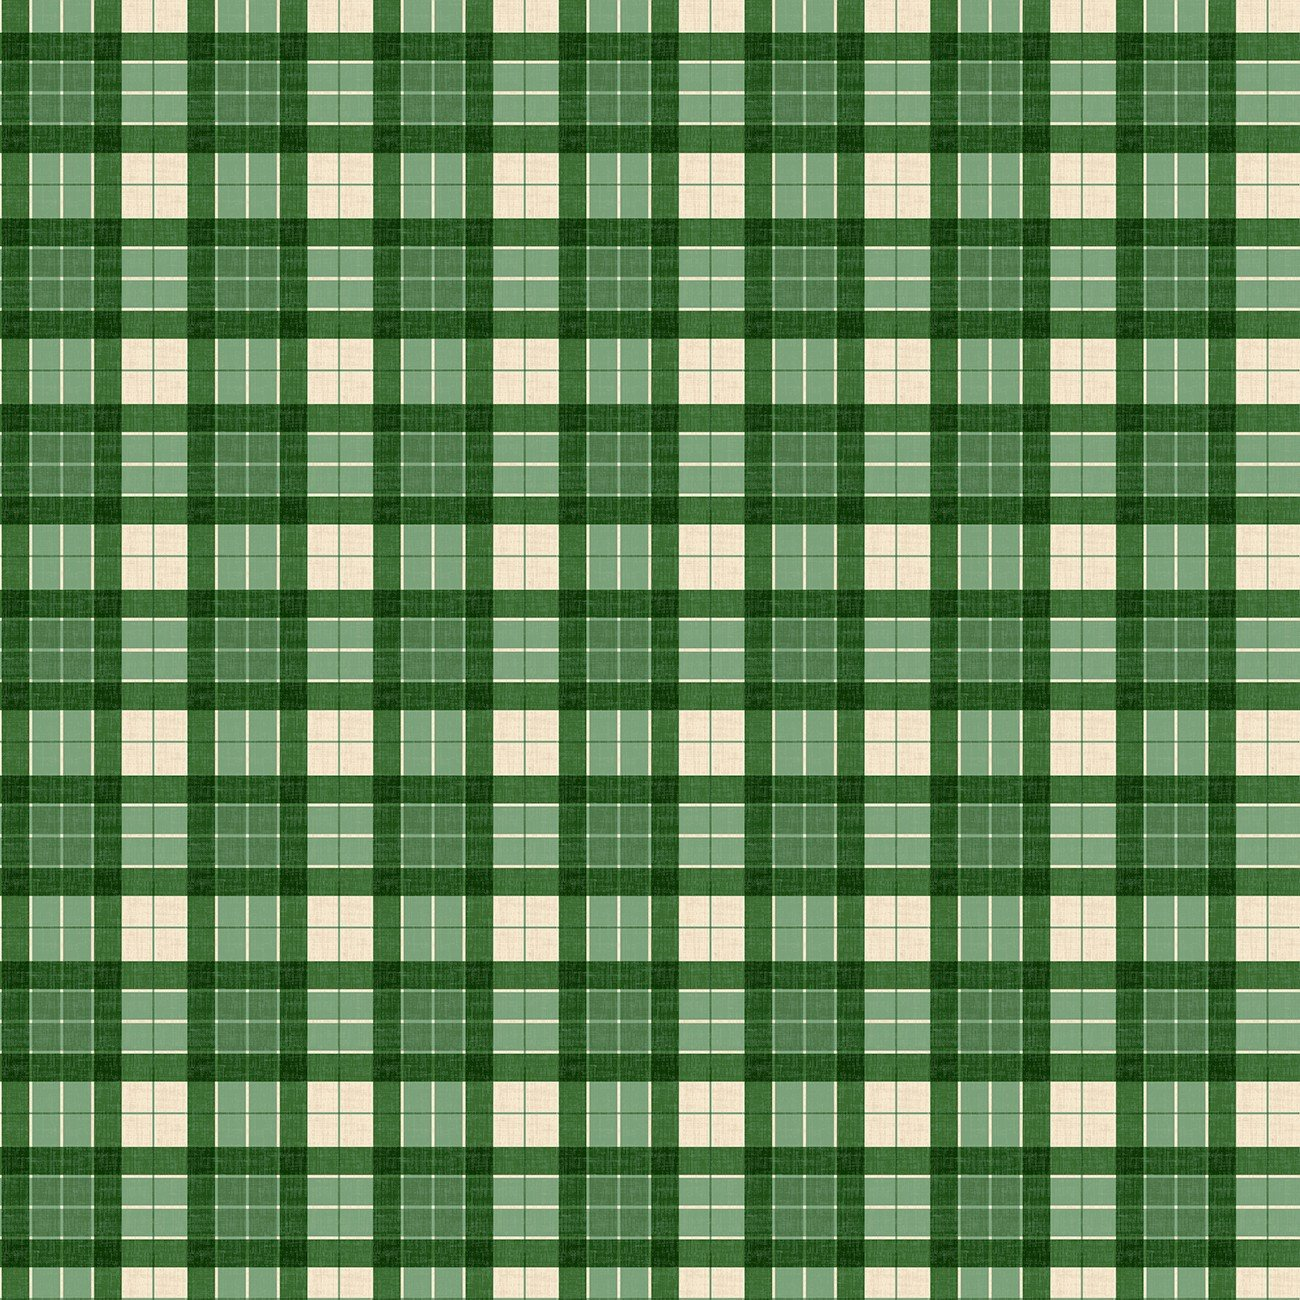 Evergreen Farm - Green Plaid